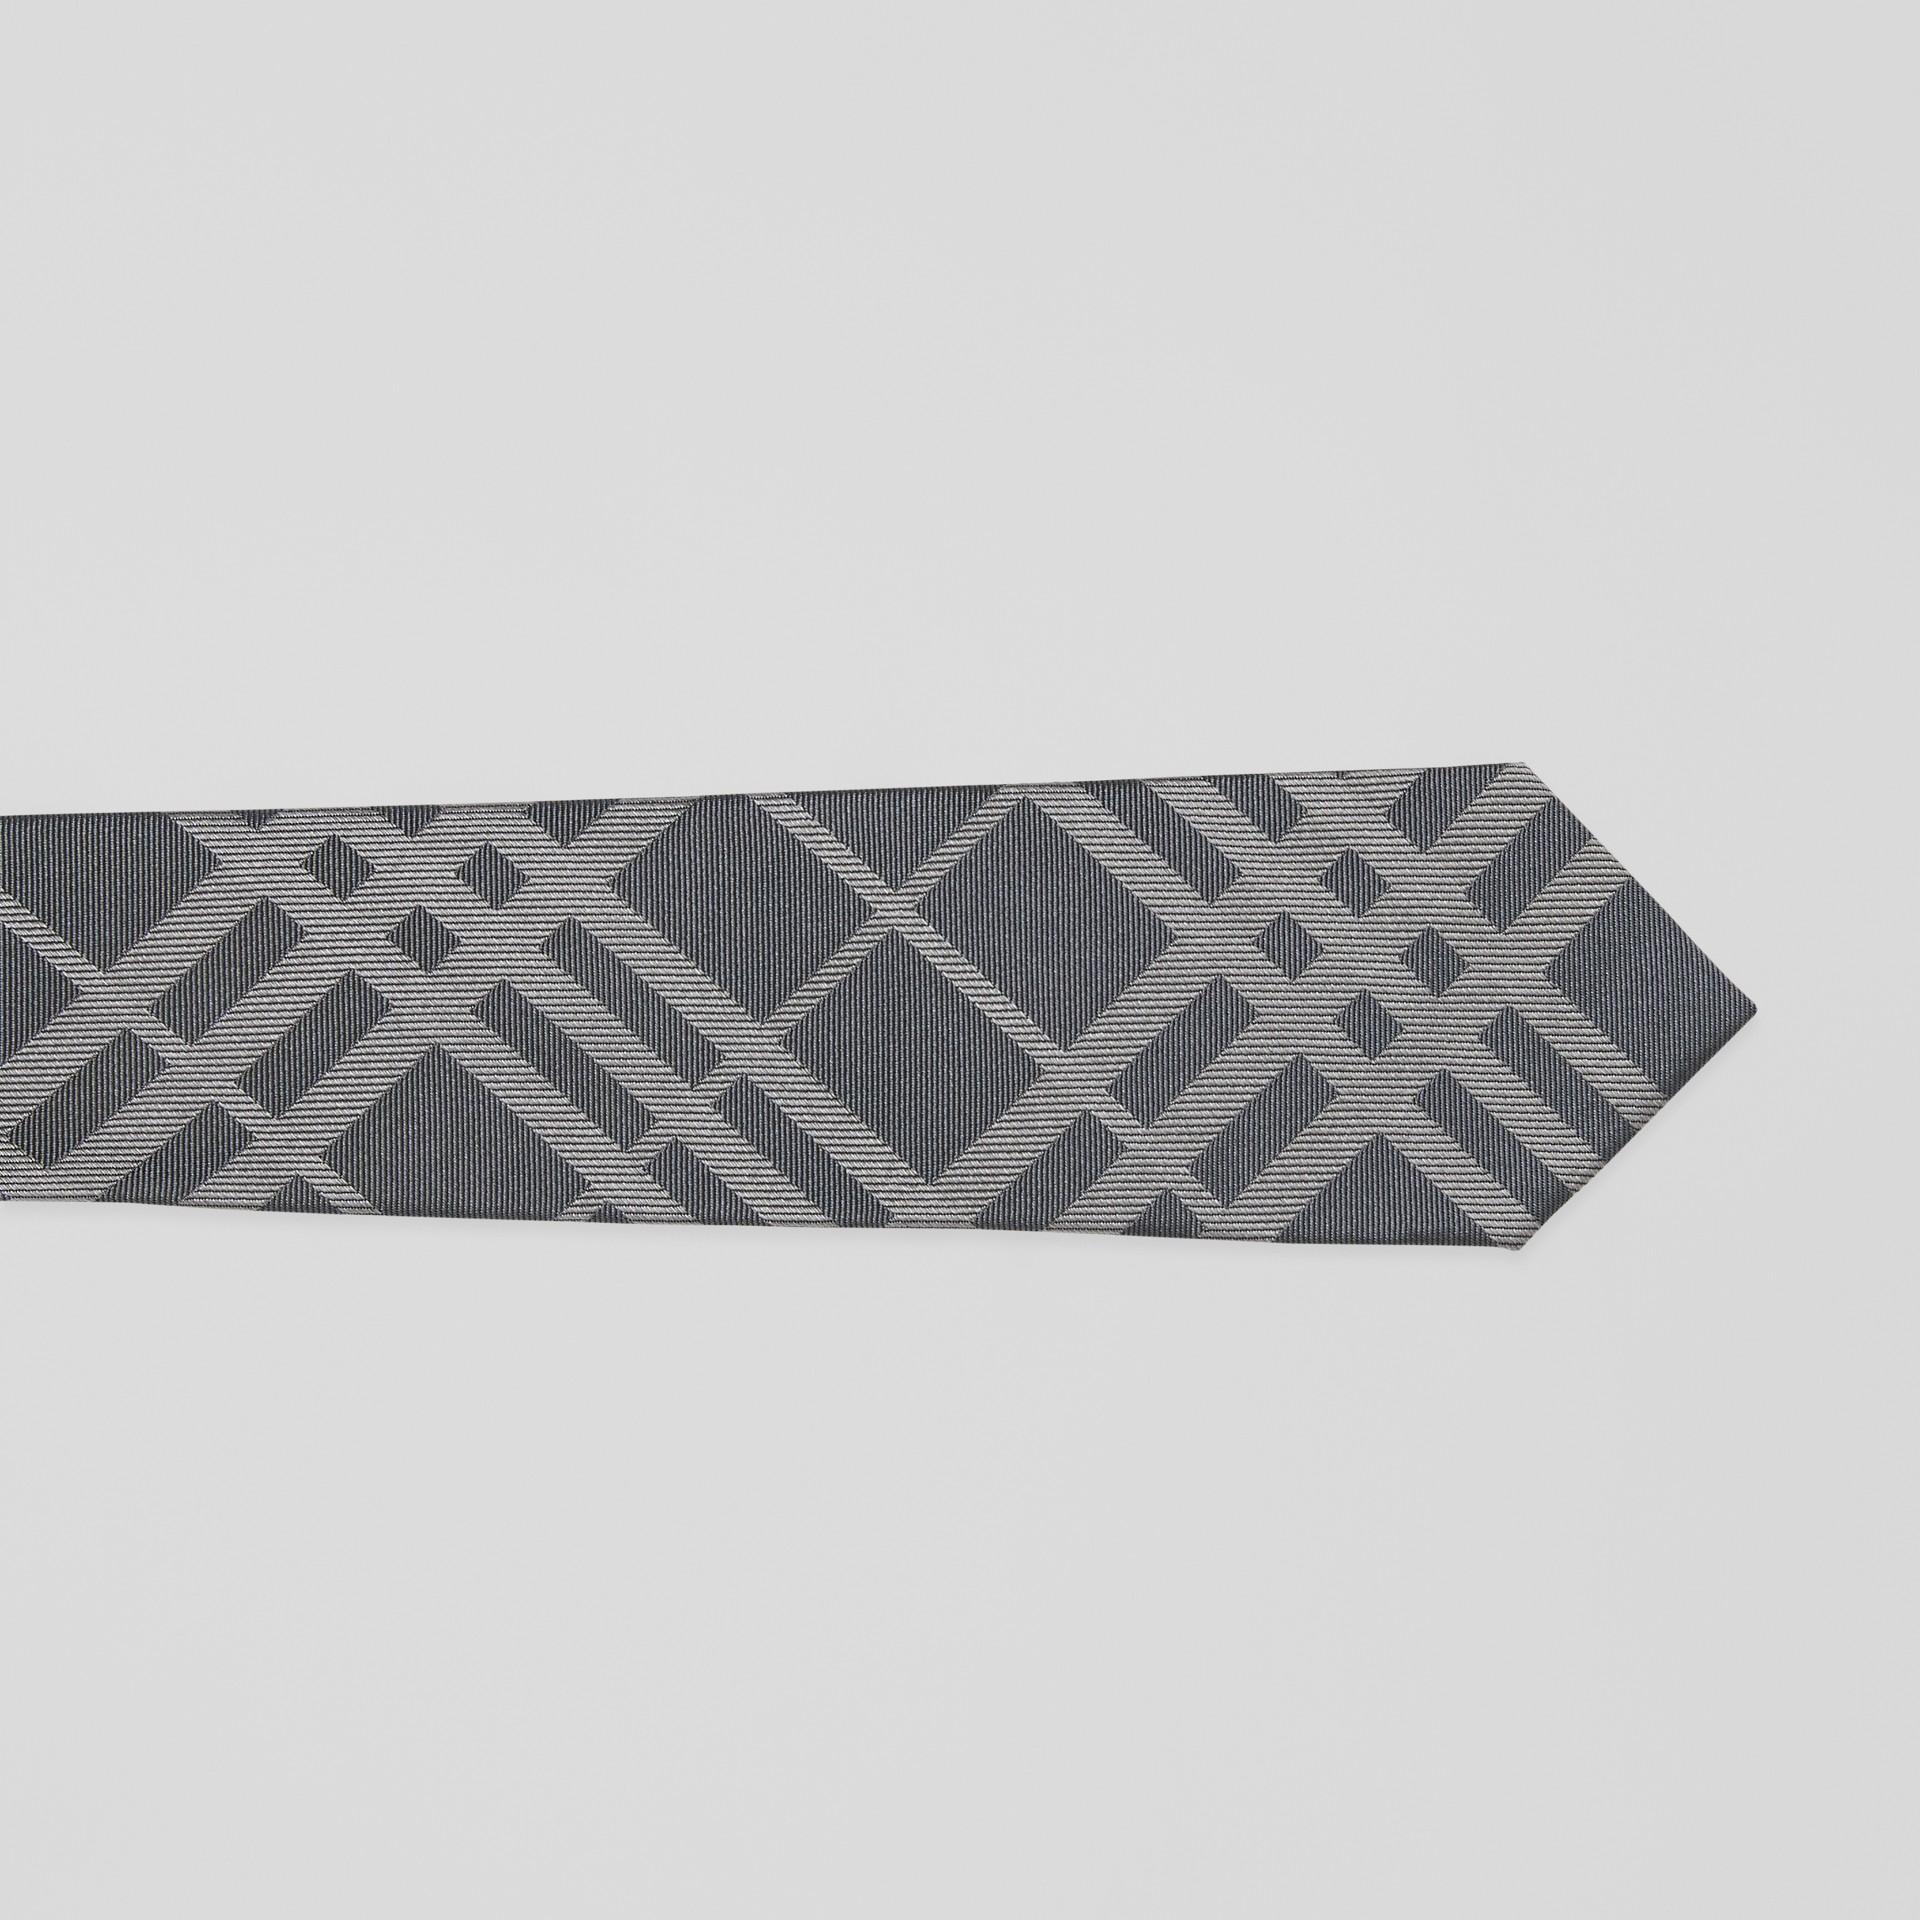 Corbata de pala clásica en seda con motivo a cuadros en jacquard (Gris Medio) - Hombre | Burberry - imagen de la galería 1